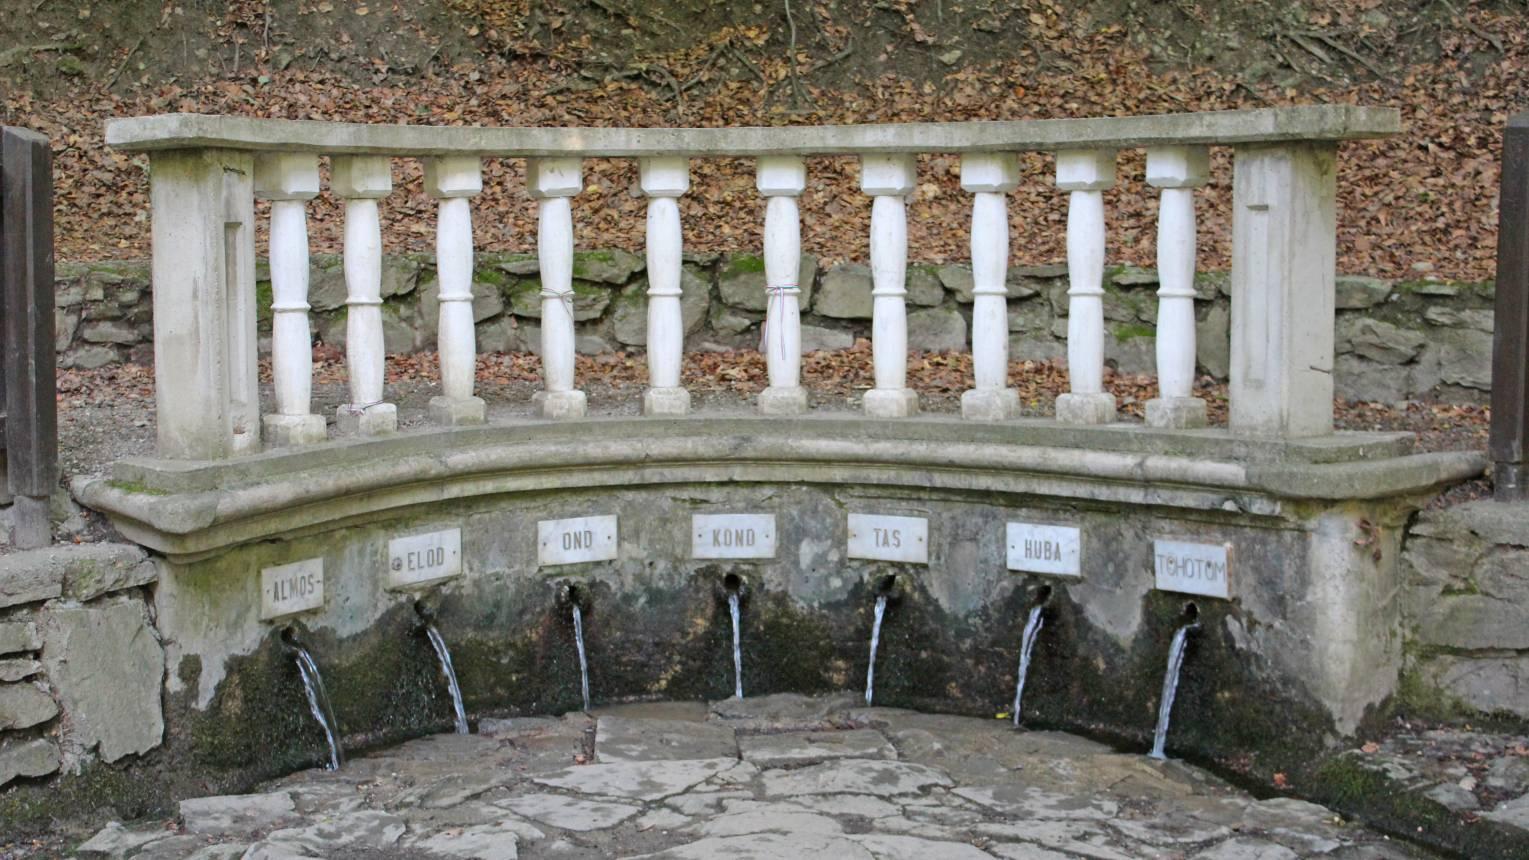 Balatonfüreden KOLOSKA segwaytúra középhaladóknak